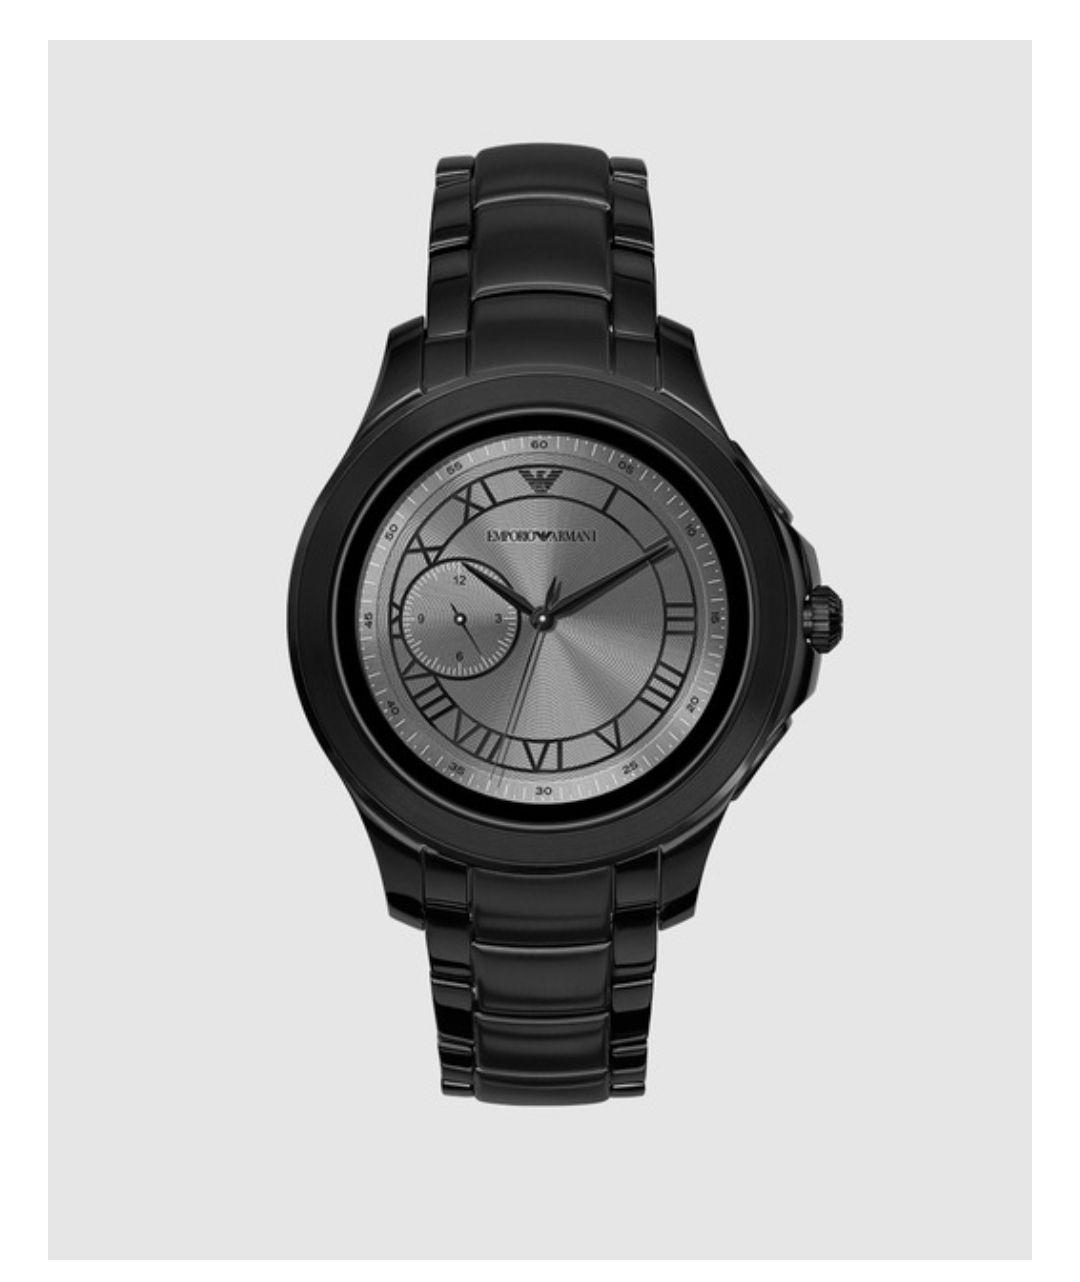 Emporio Armani ART5011 Reloj Inteligente Black